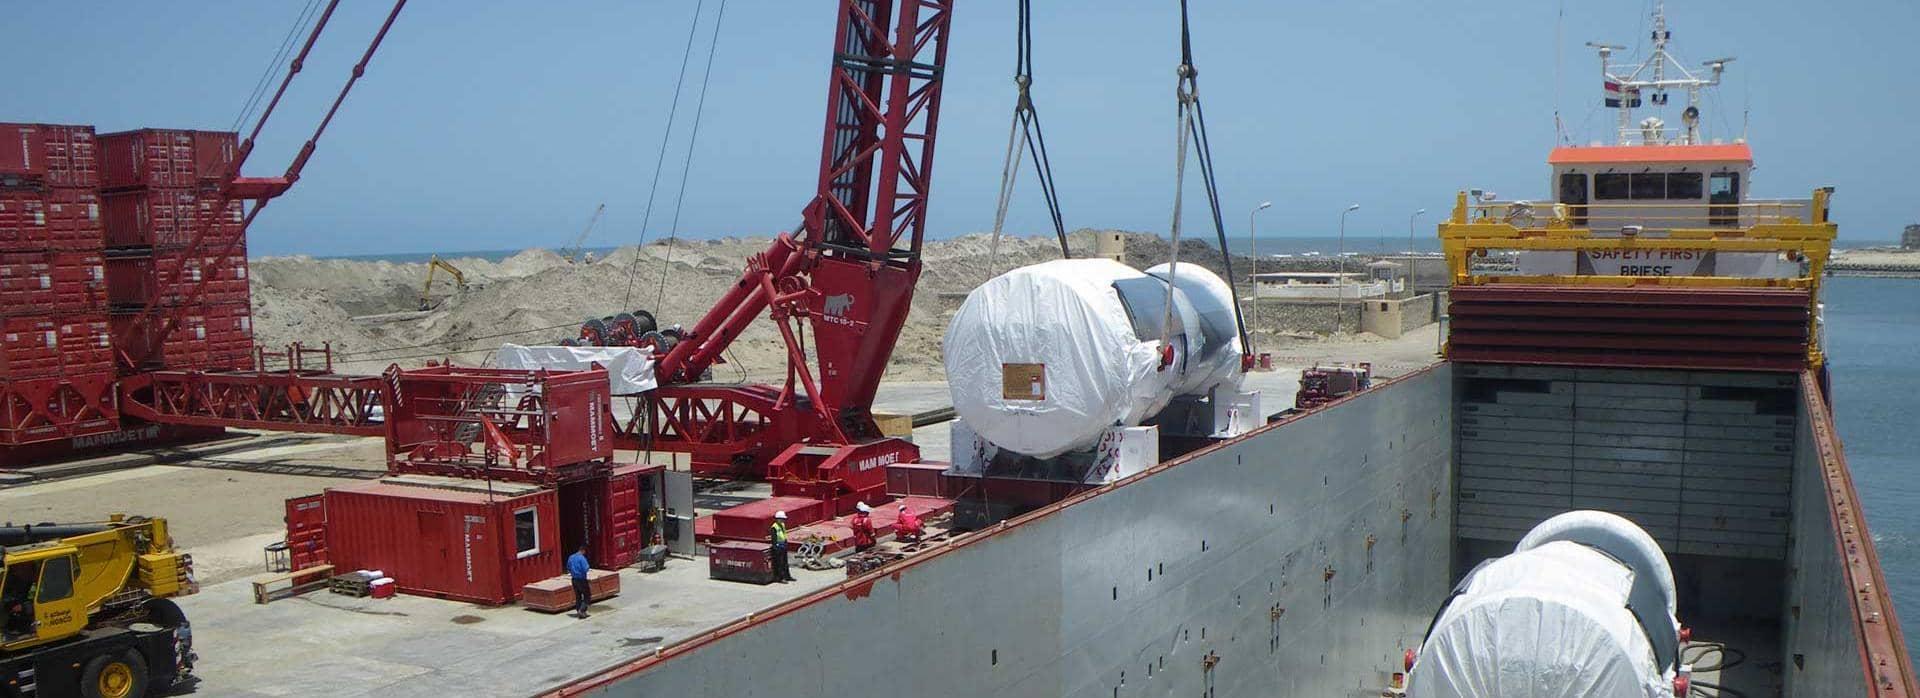 600 tonų kranas iškrauna turbinas Buruluse